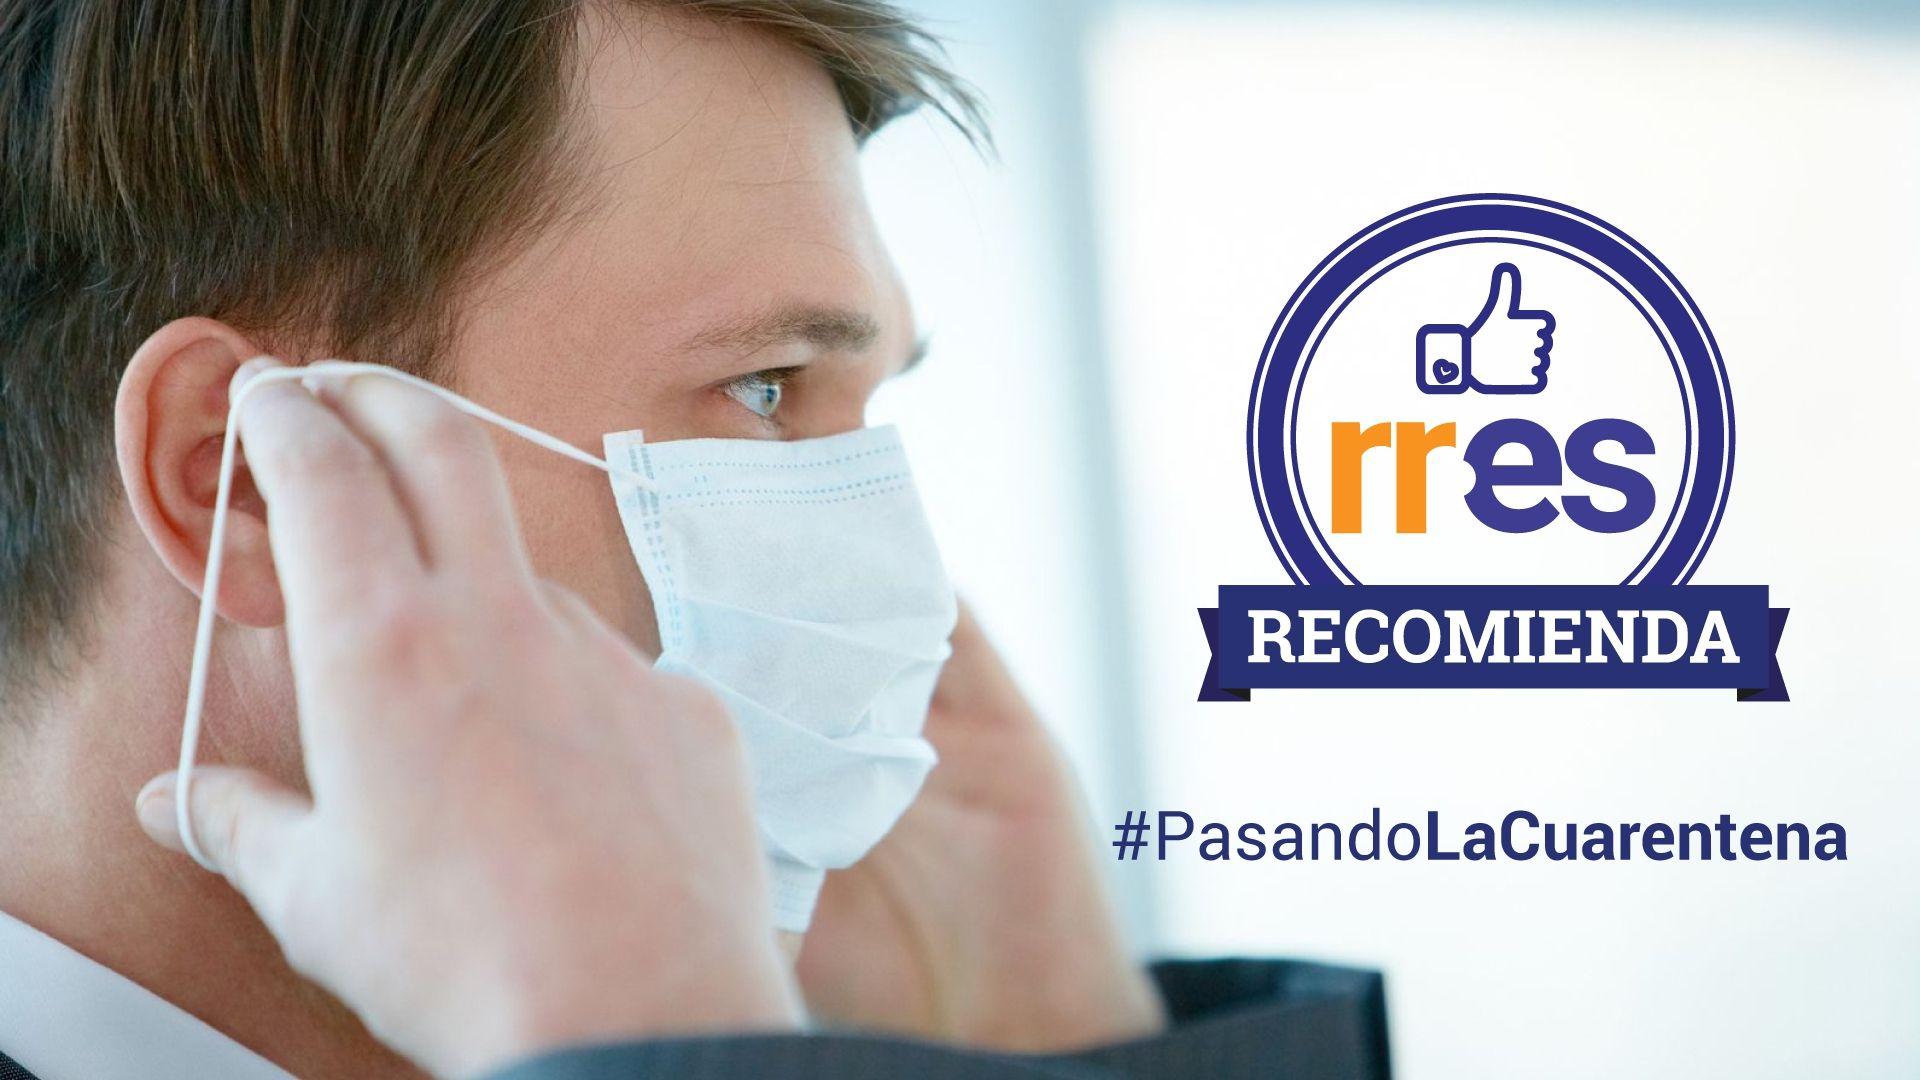 #PasandoLaCuarentena | Aprende a usar correctamente el tapabocas para protegerte #20May